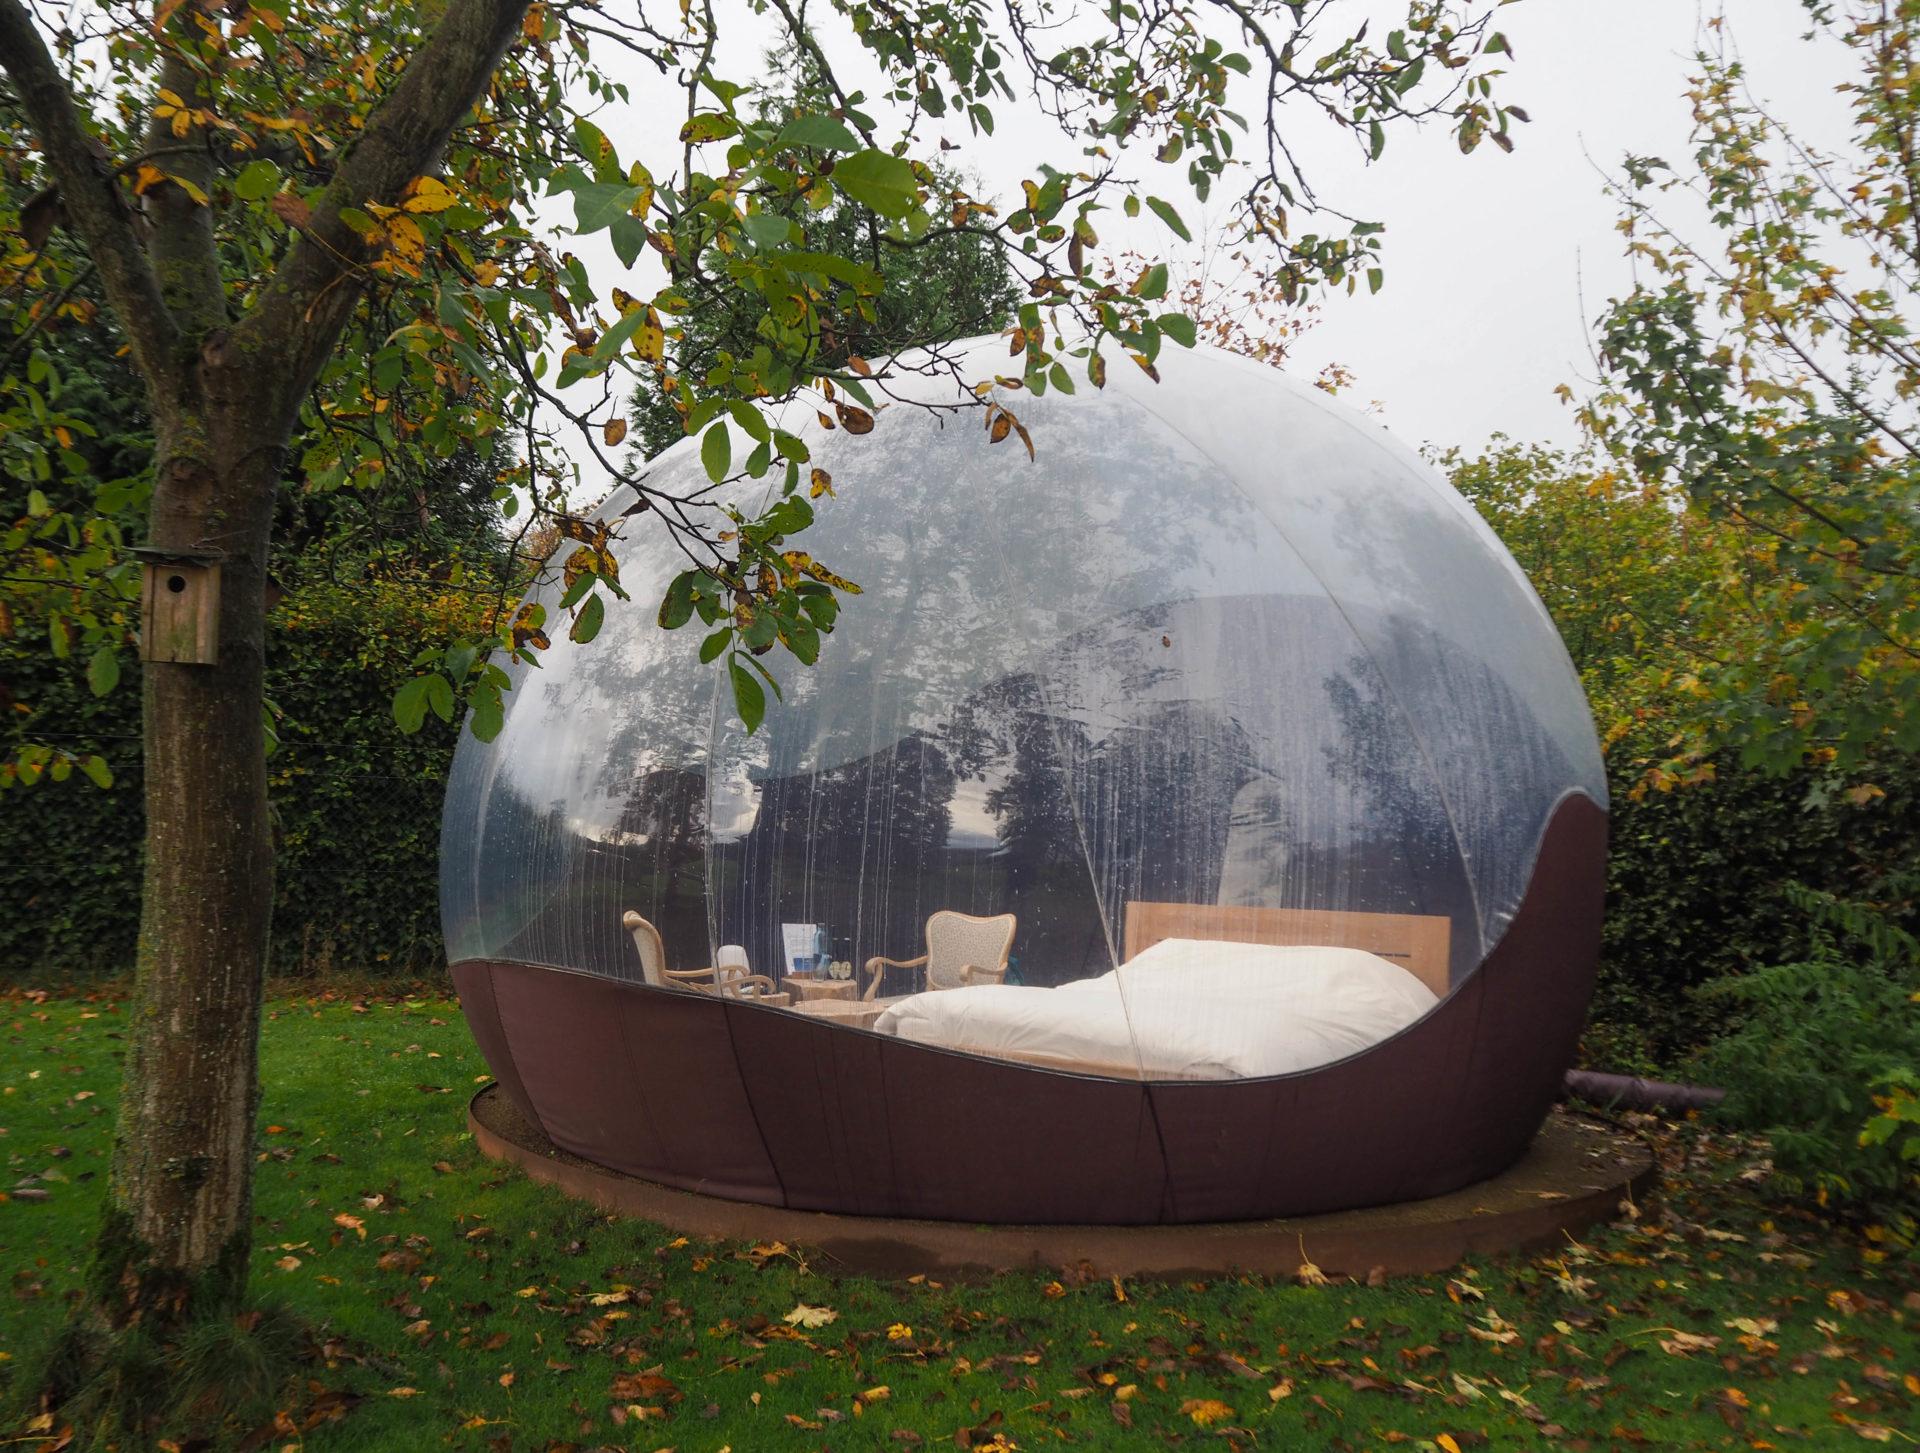 Dans ma bulle, Le Chant des Etoiles à Spa - Ardenne Belge - Province de Liège - Voyage slow en Belgique